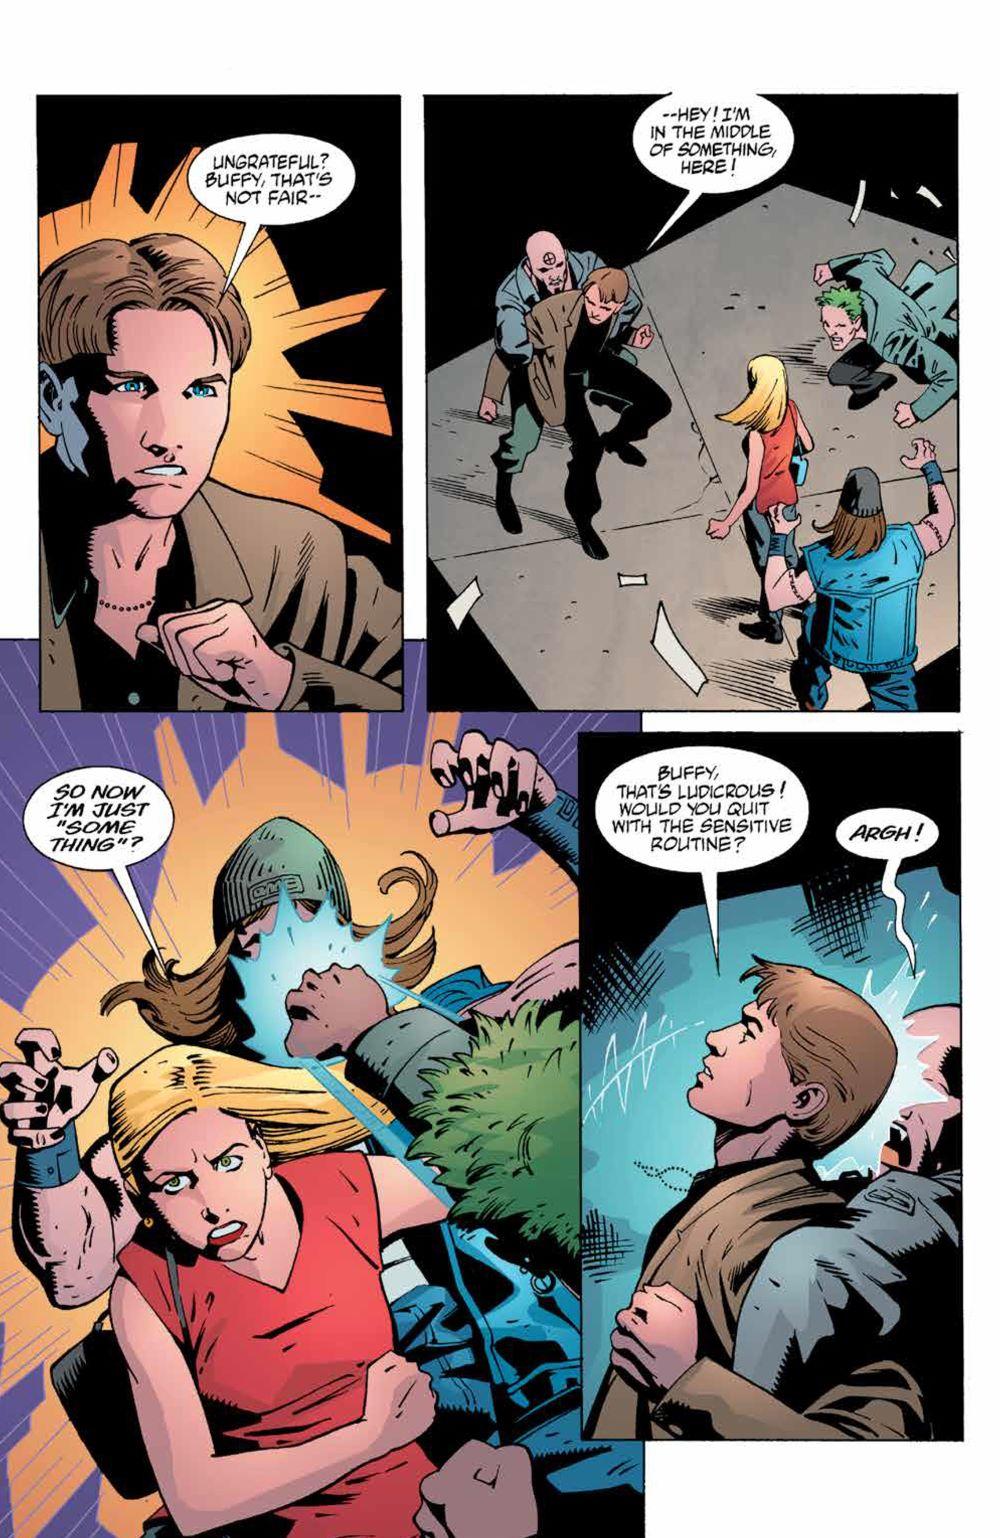 Buffy_Legacy_v4_SC_PRESS_12 ComicList Previews: BUFFY THE VAMPIRE SLAYER LEGACY EDITION VOLUME 4 SC